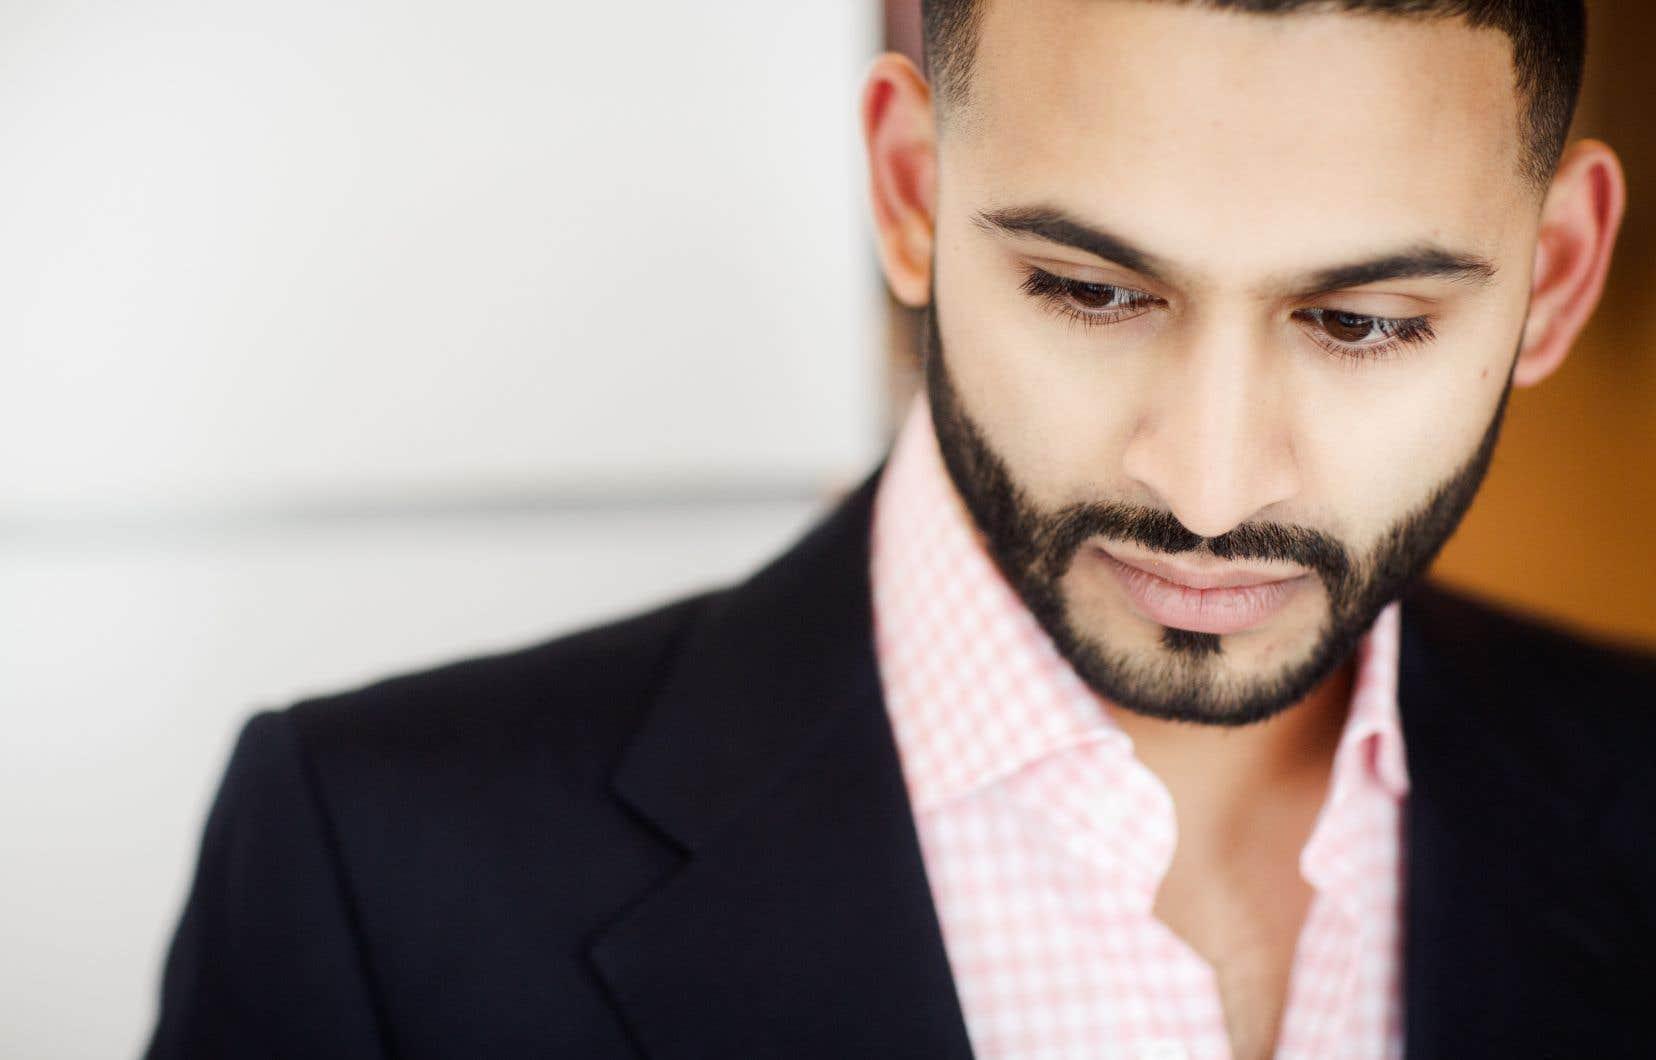 À revoir Jordan de Souza, après son «Don Giovanni» et pour la première fois dans le répertoire symphonique, on se rend compte qu'il a une petite longueur d'avance.